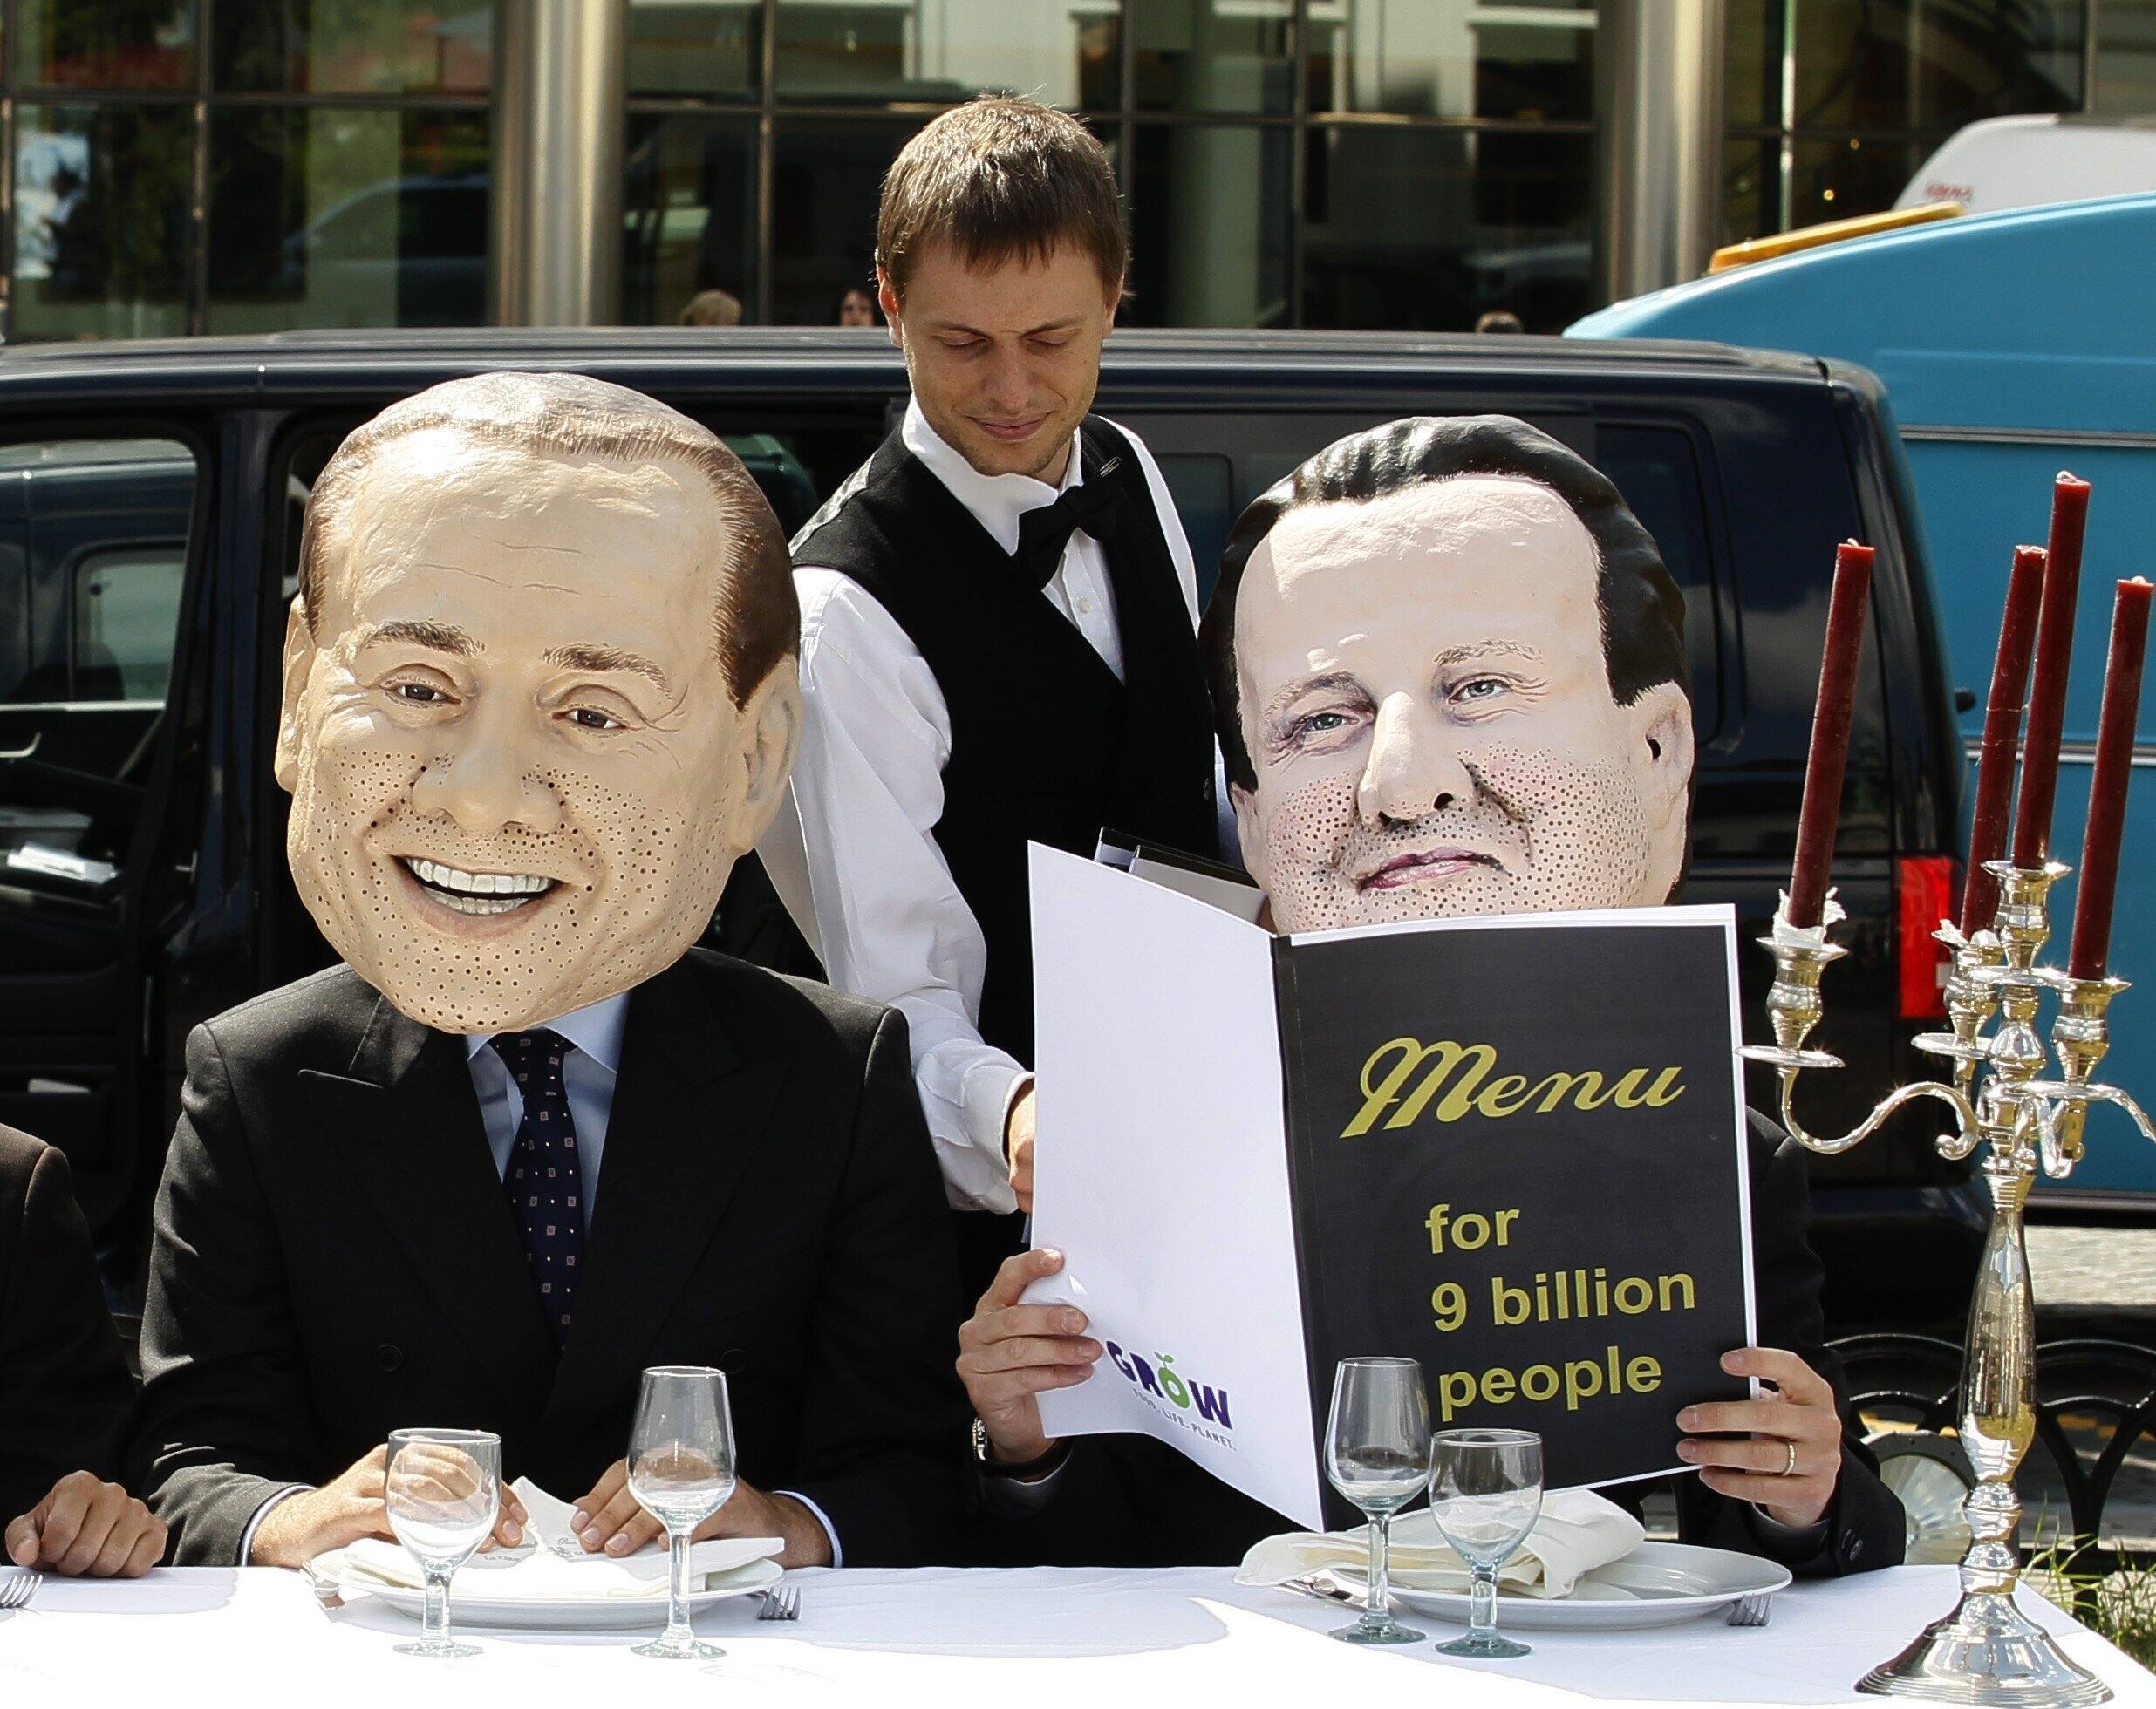 """Các nhà hoạt động Oxfam mang mặt nạ 2 thủ tướng Ý (Berlusconi, trái) và Anh (Cameron, phải), trong một cuộc biểu tình phản đối, mang tên """"Một bữa tối đủ cho 9 triệu người"""", trước nhà Quốc hội Châu Âu, 1/6/2011."""